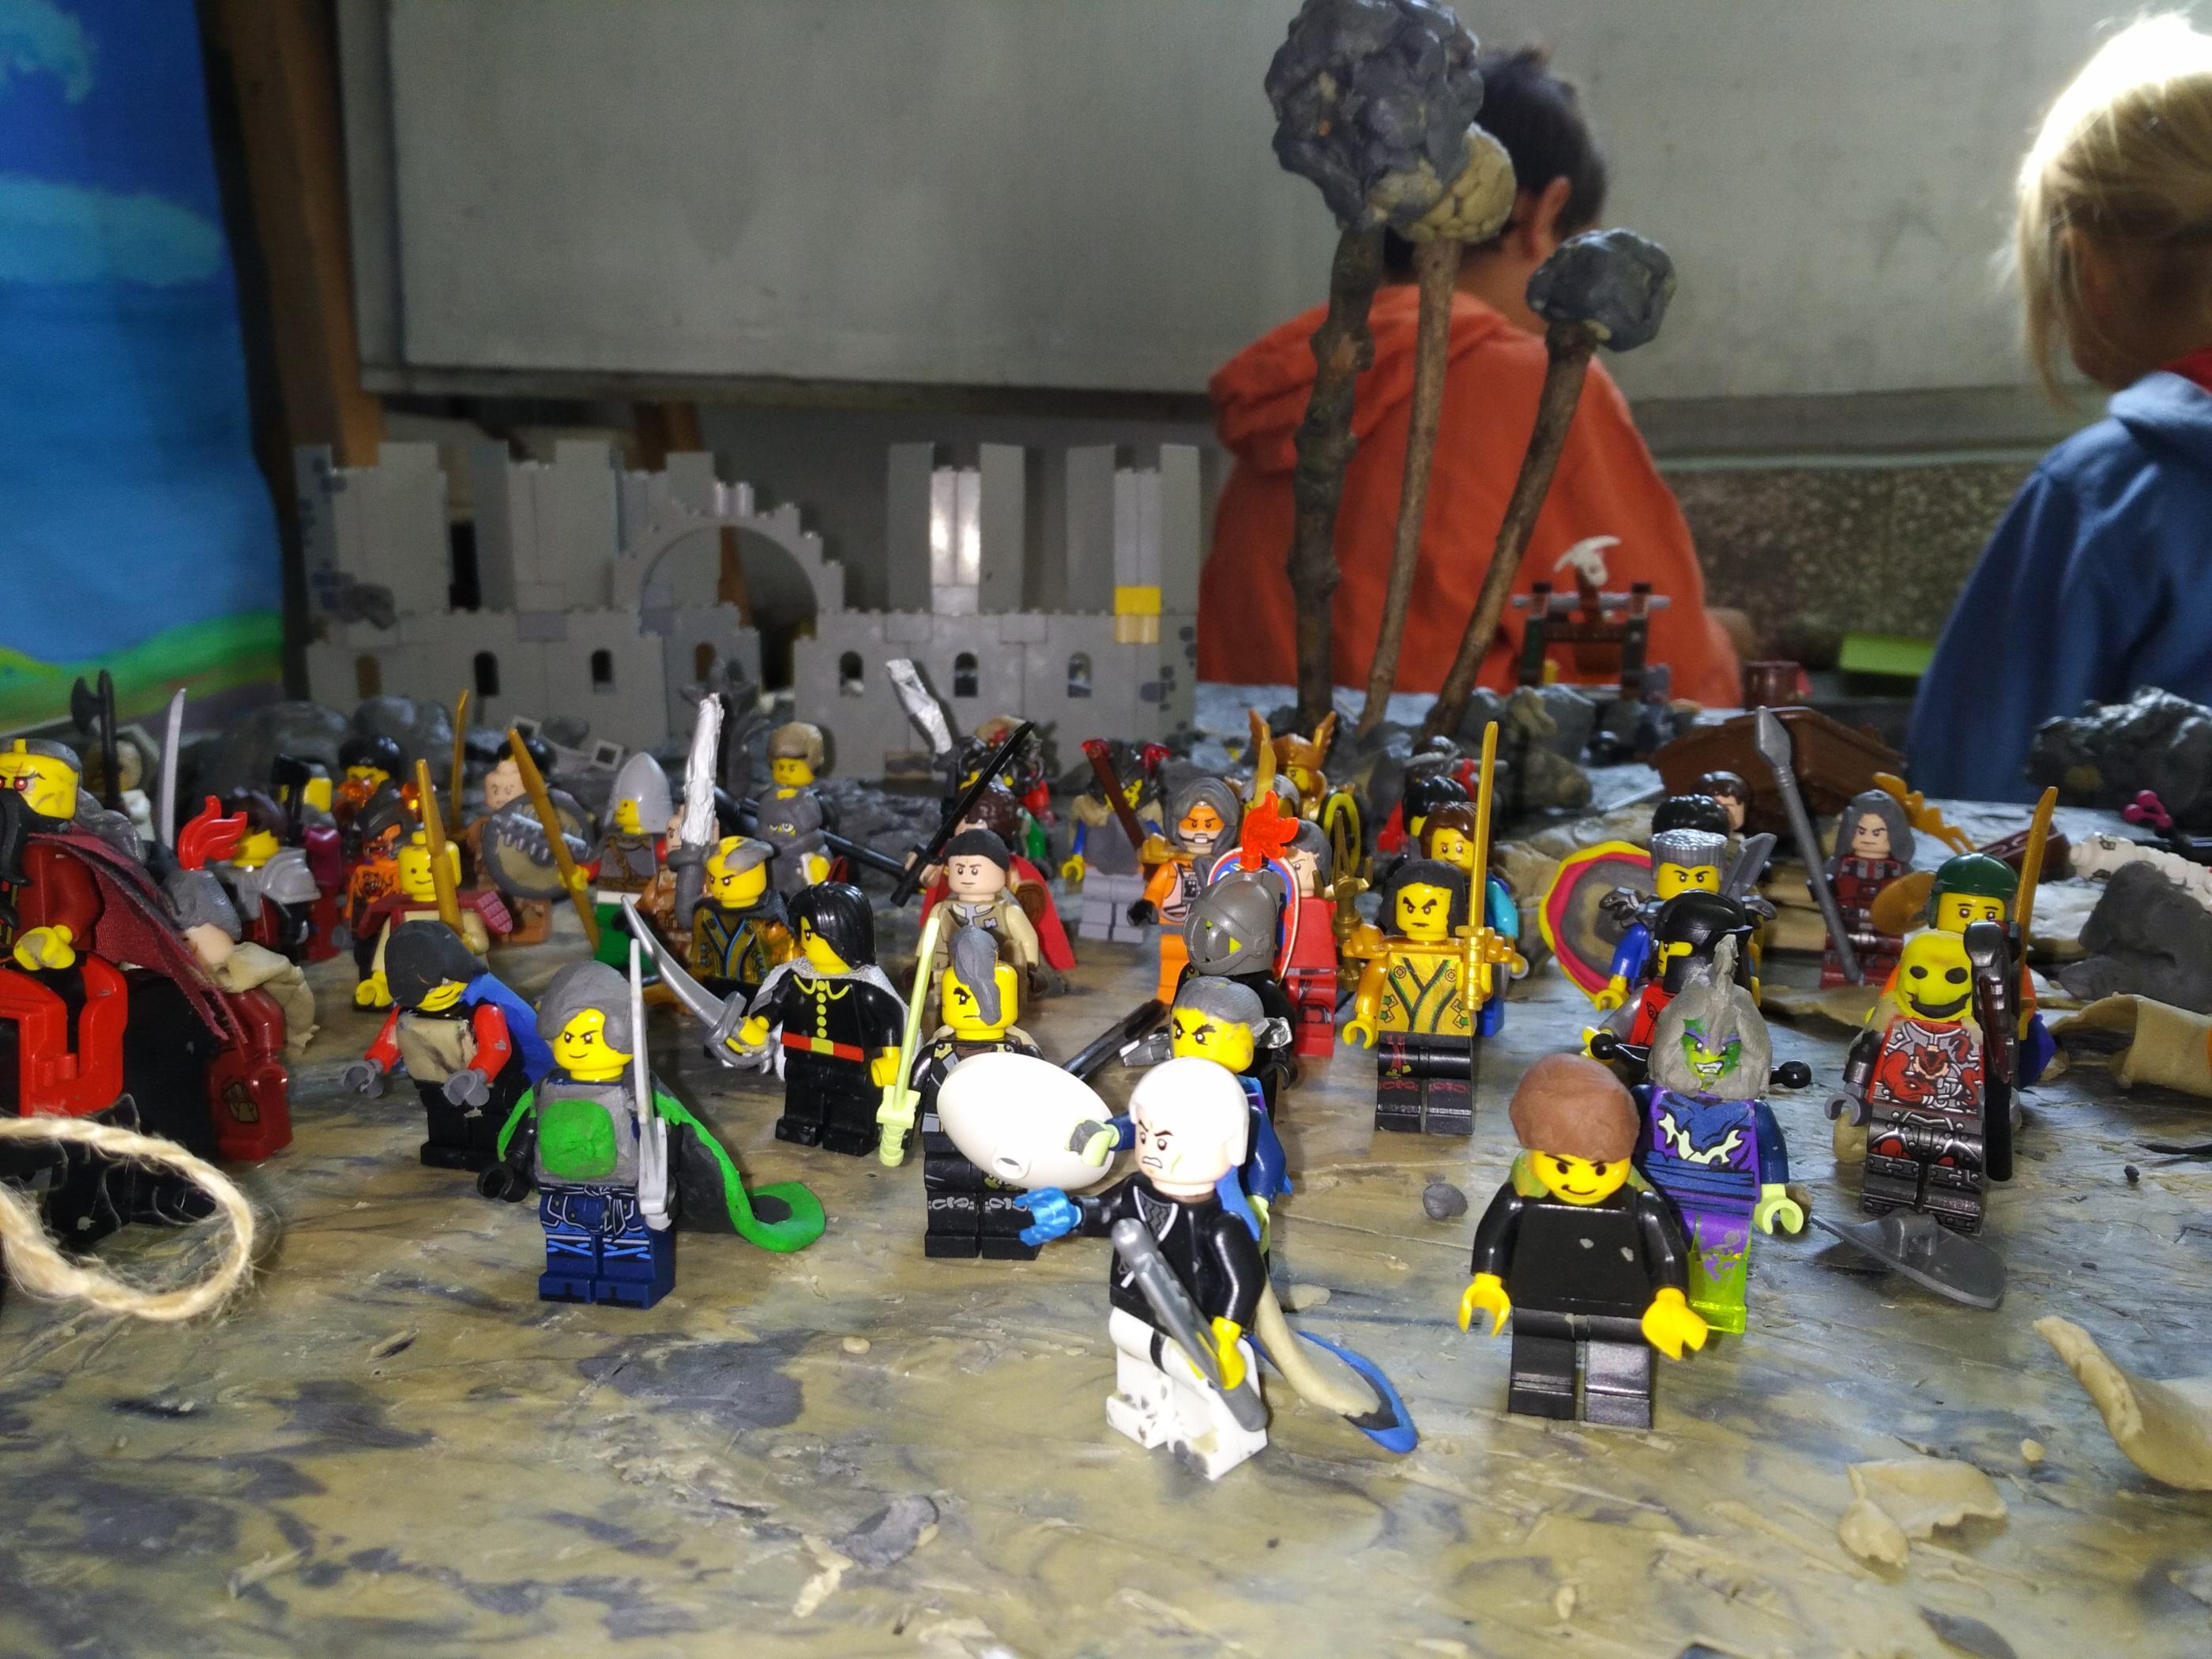 Човечетата се сглабят наново от различни части и им се добавят елементи от други материали - коси от пластилин, оръжия от канап, пластилин и лего части, пластилинени плащове, ризници, украси.